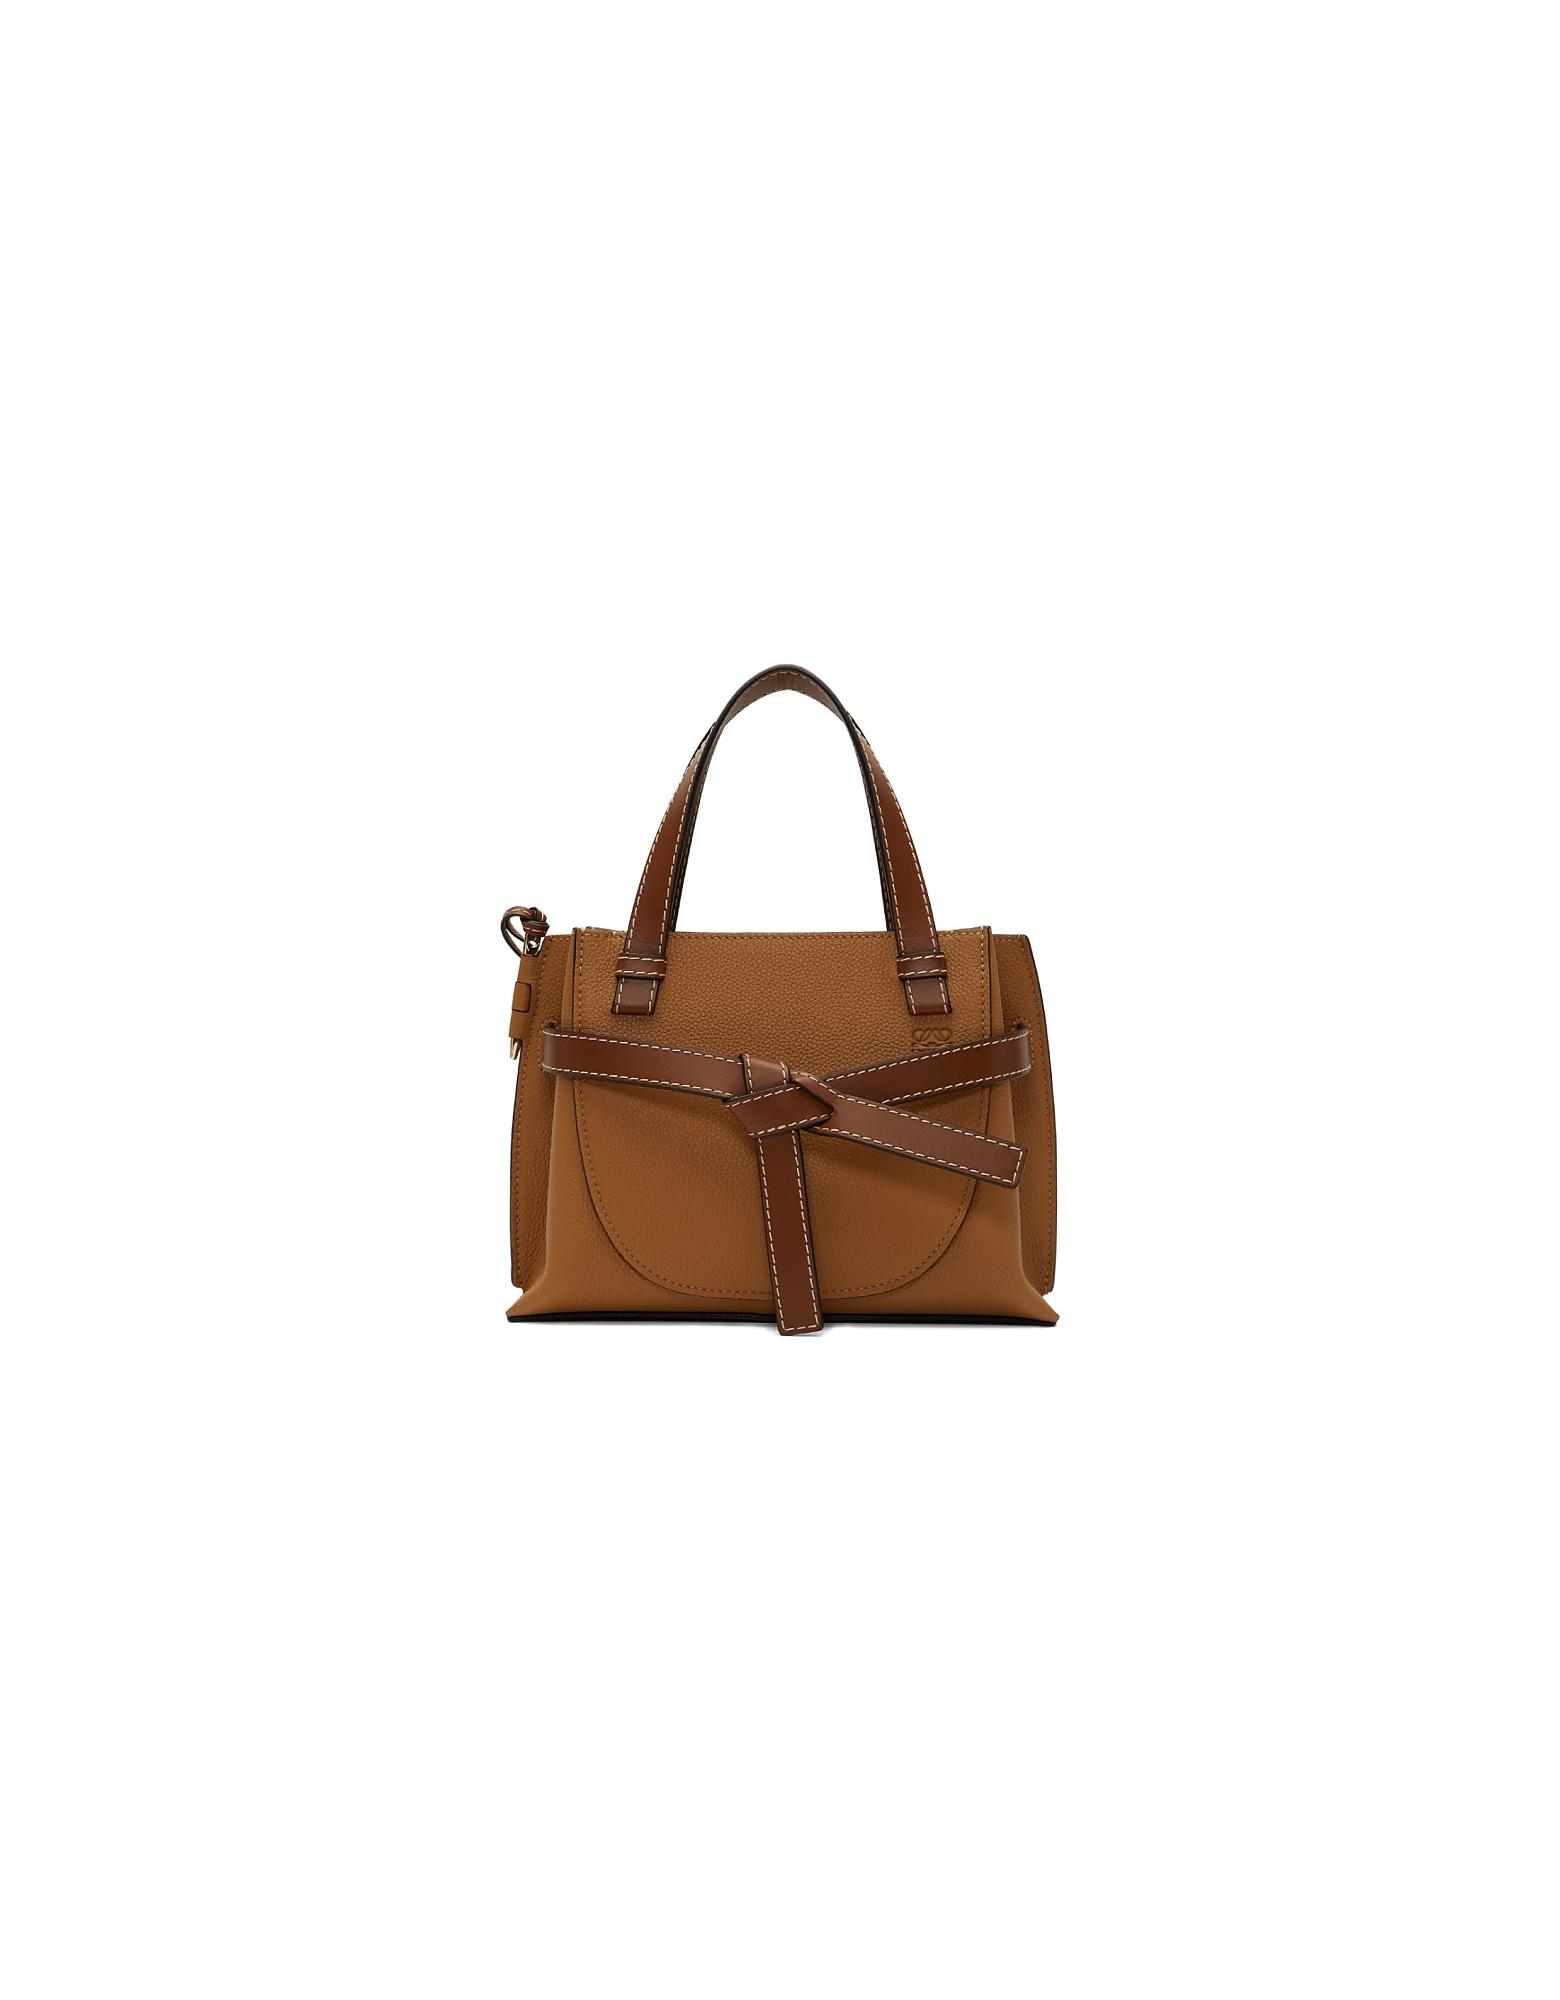 Loewe Designer Handbags, Brown Small Gate Top Handle Bag